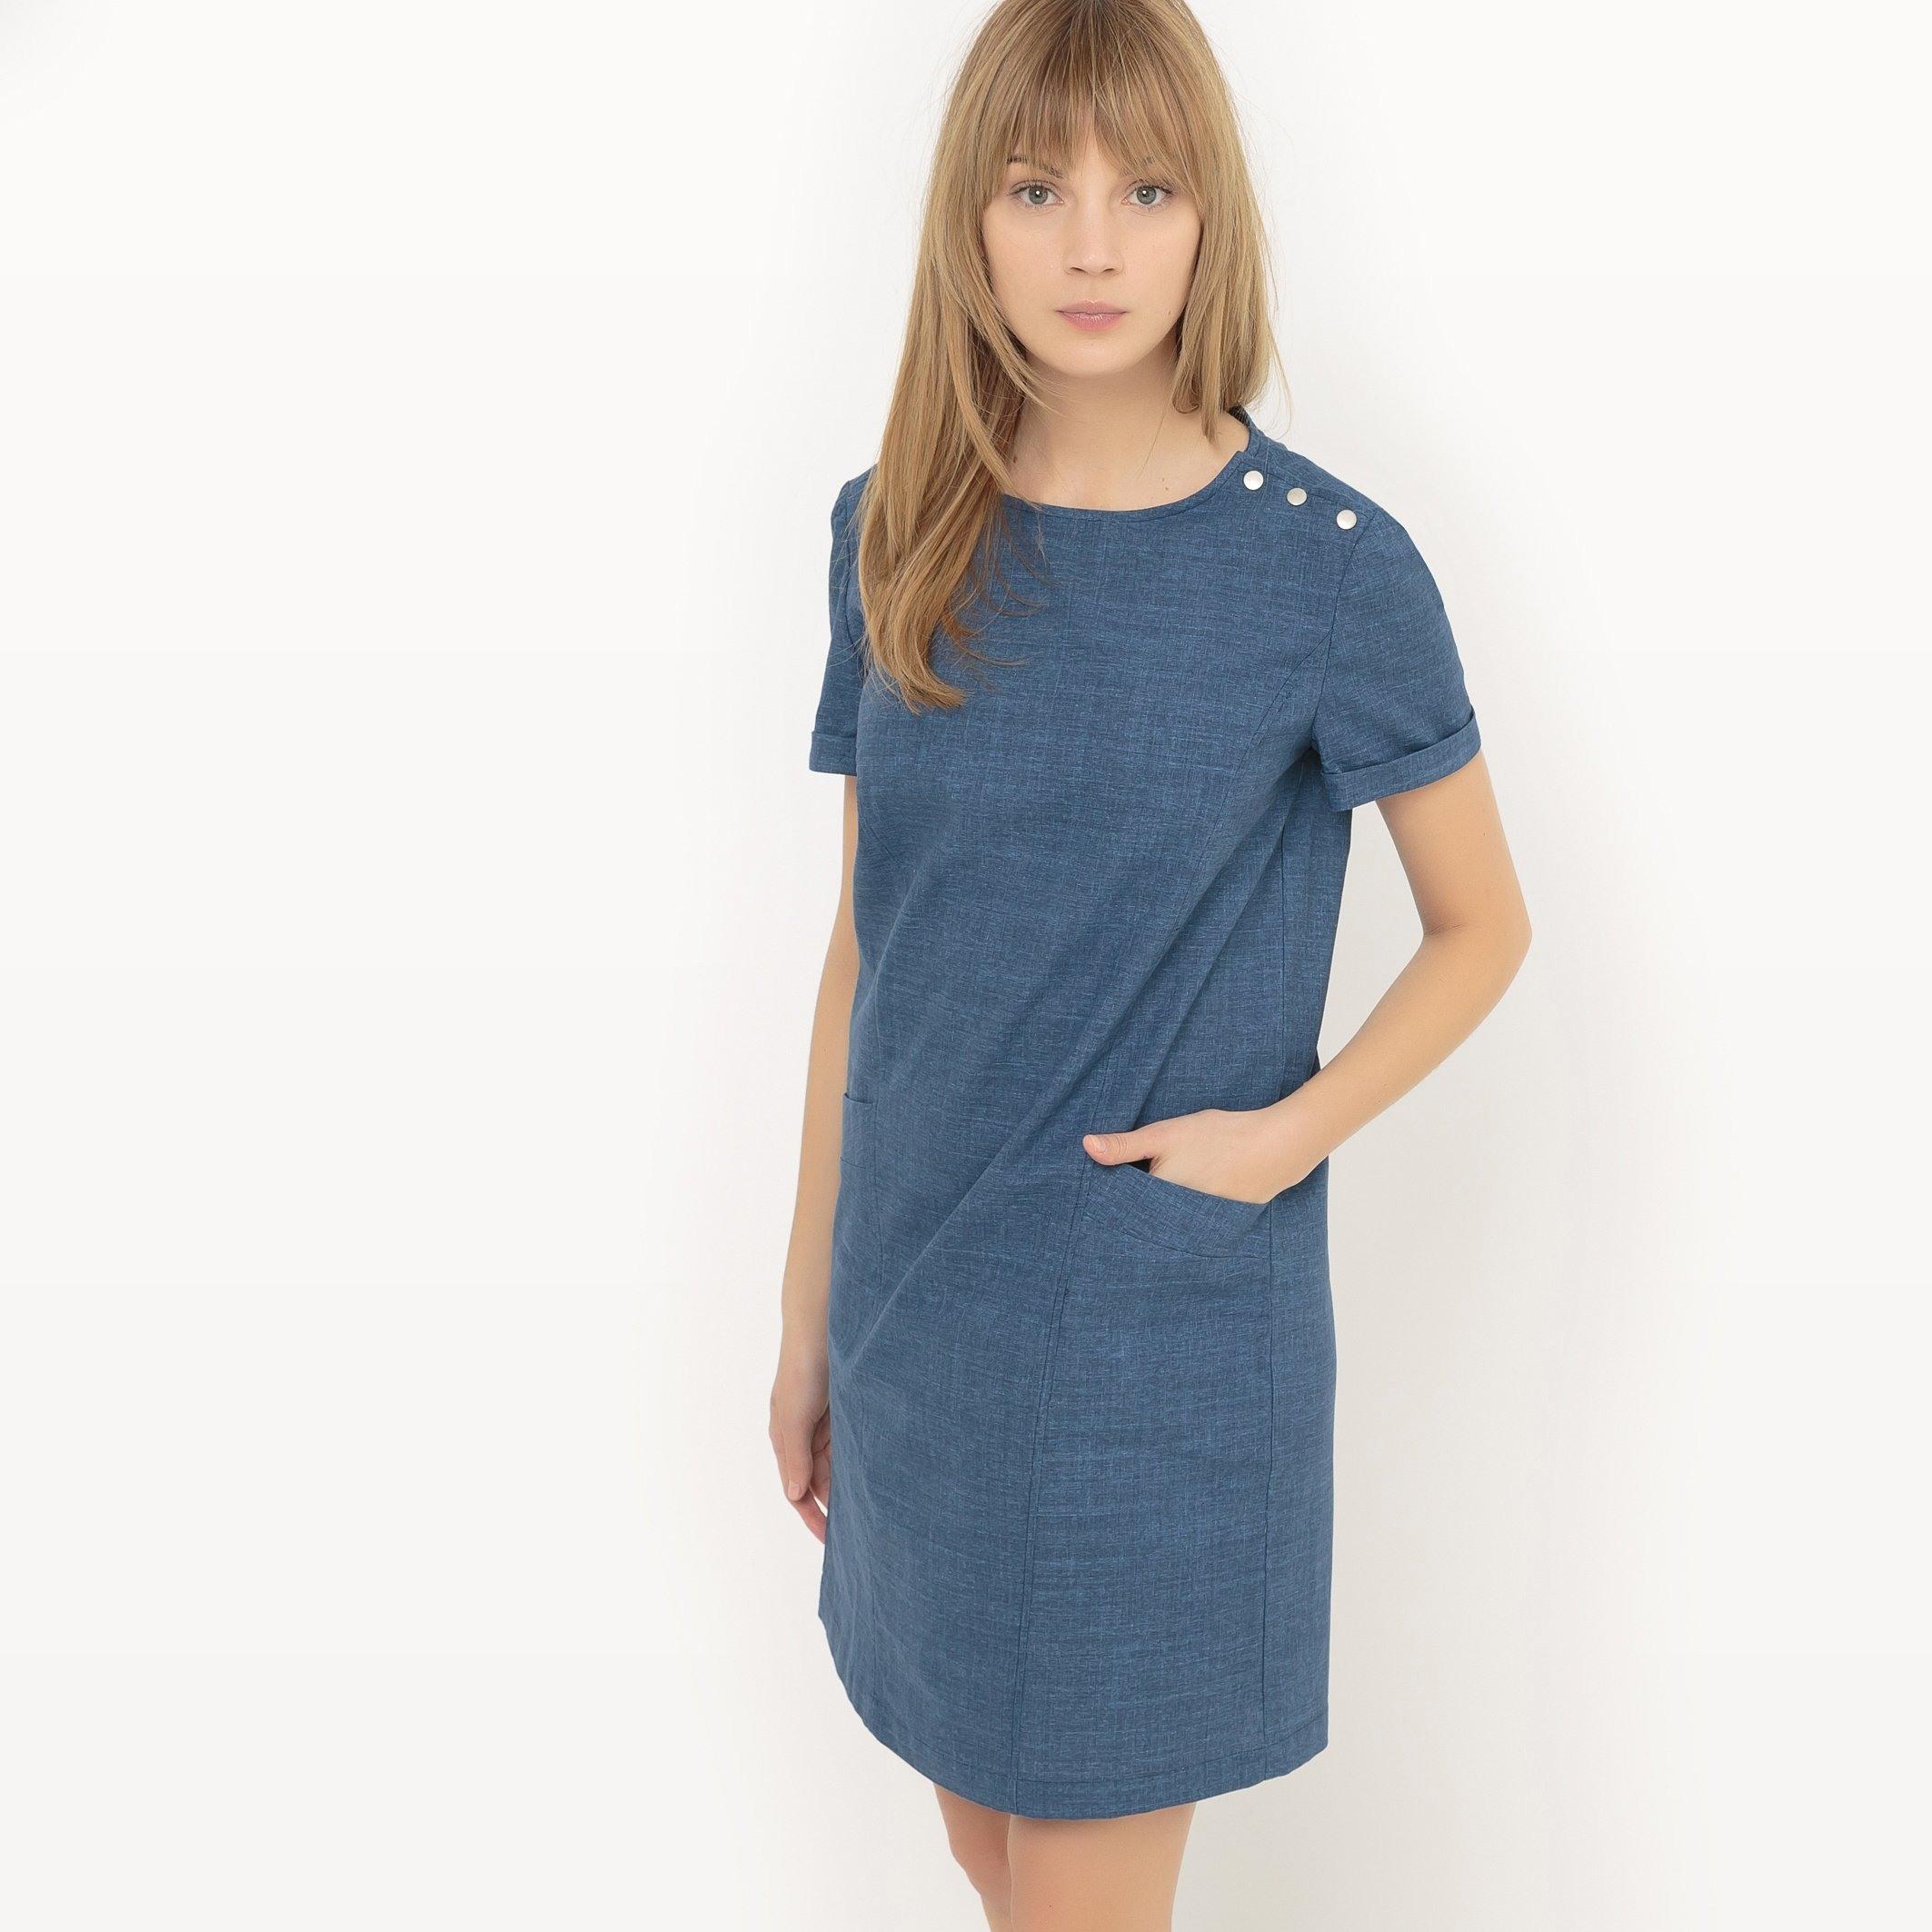 Schön Damen Kleider Baumwolle Galerie10 Elegant Damen Kleider Baumwolle Bester Preis